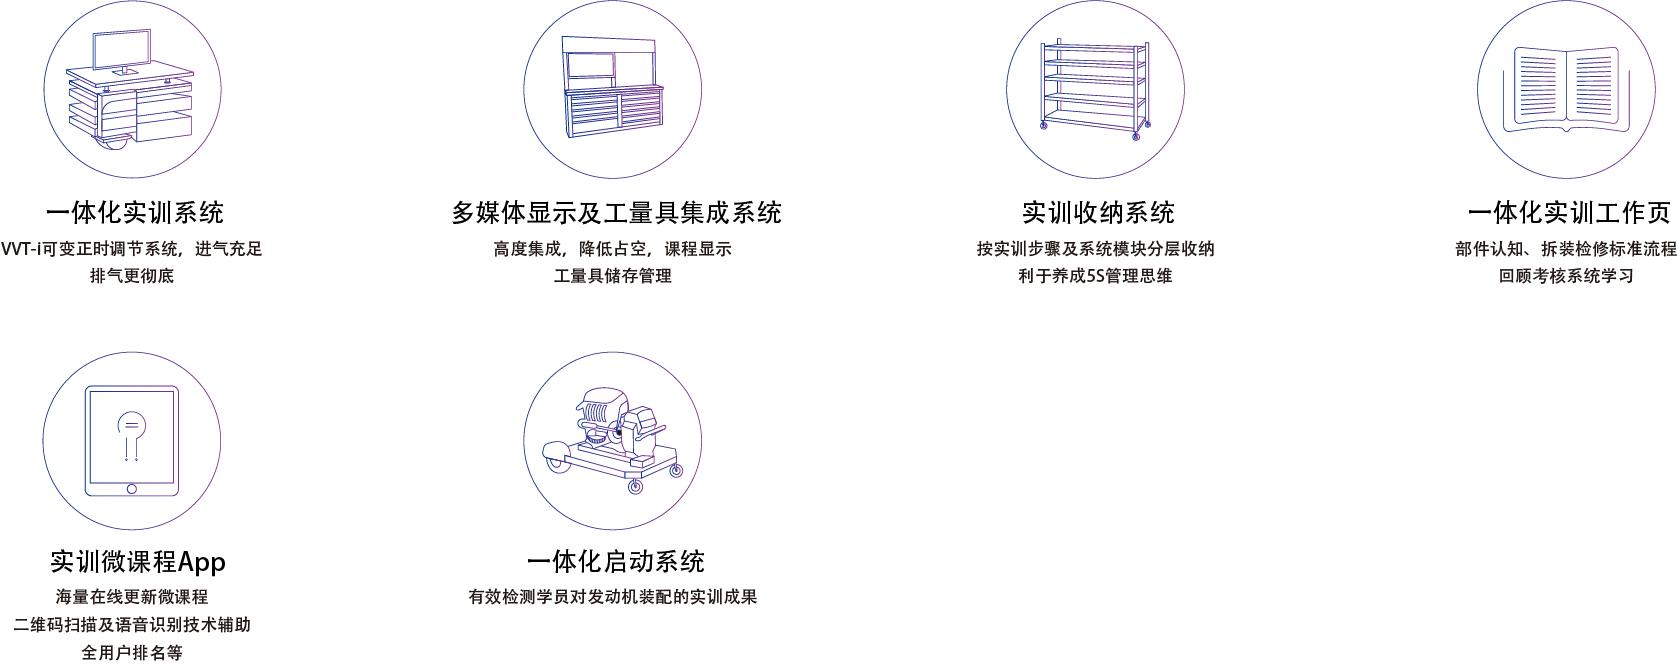 丰田发动机教学竞博JBO系统